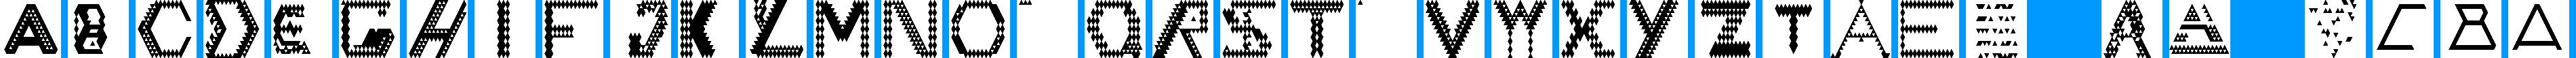 Particip-a-type v.200